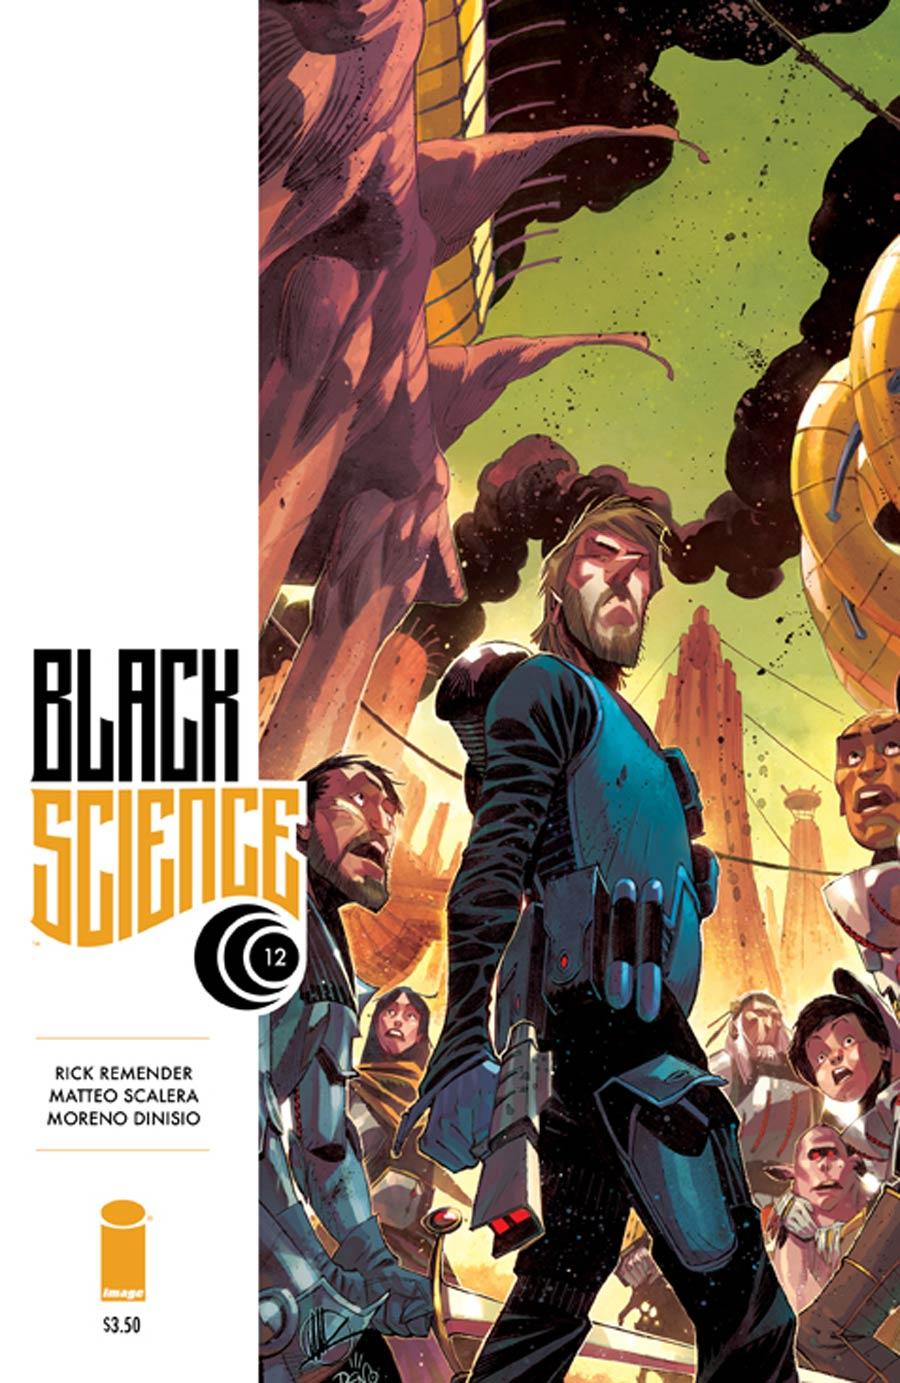 Black Science #12 Cover A Matteo Scalera & Moreno Dinisio